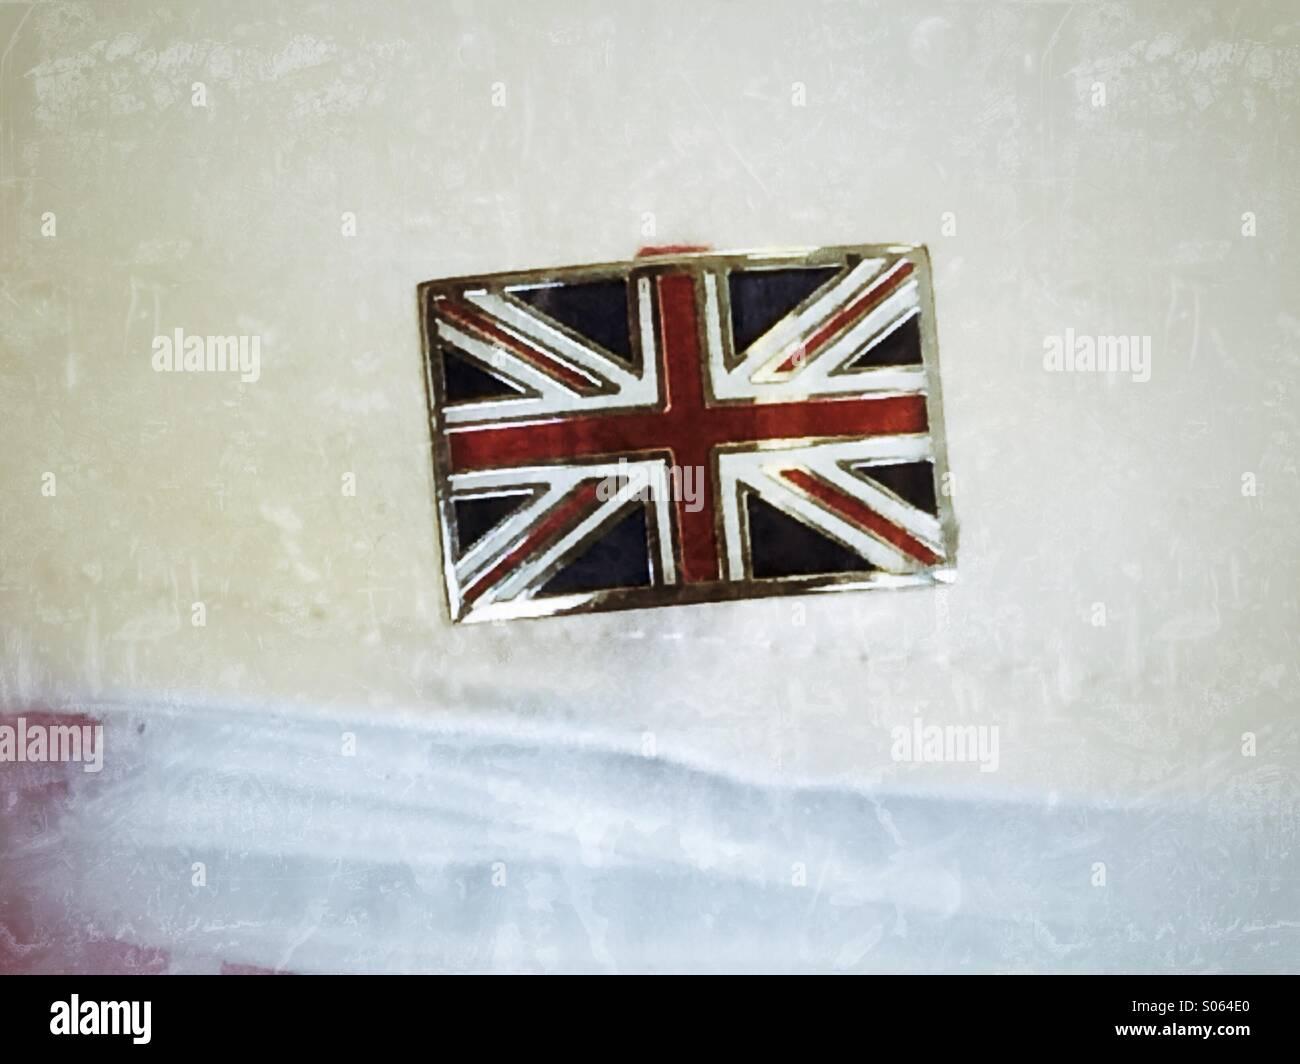 Manguito de enlace Union Jack Imagen De Stock